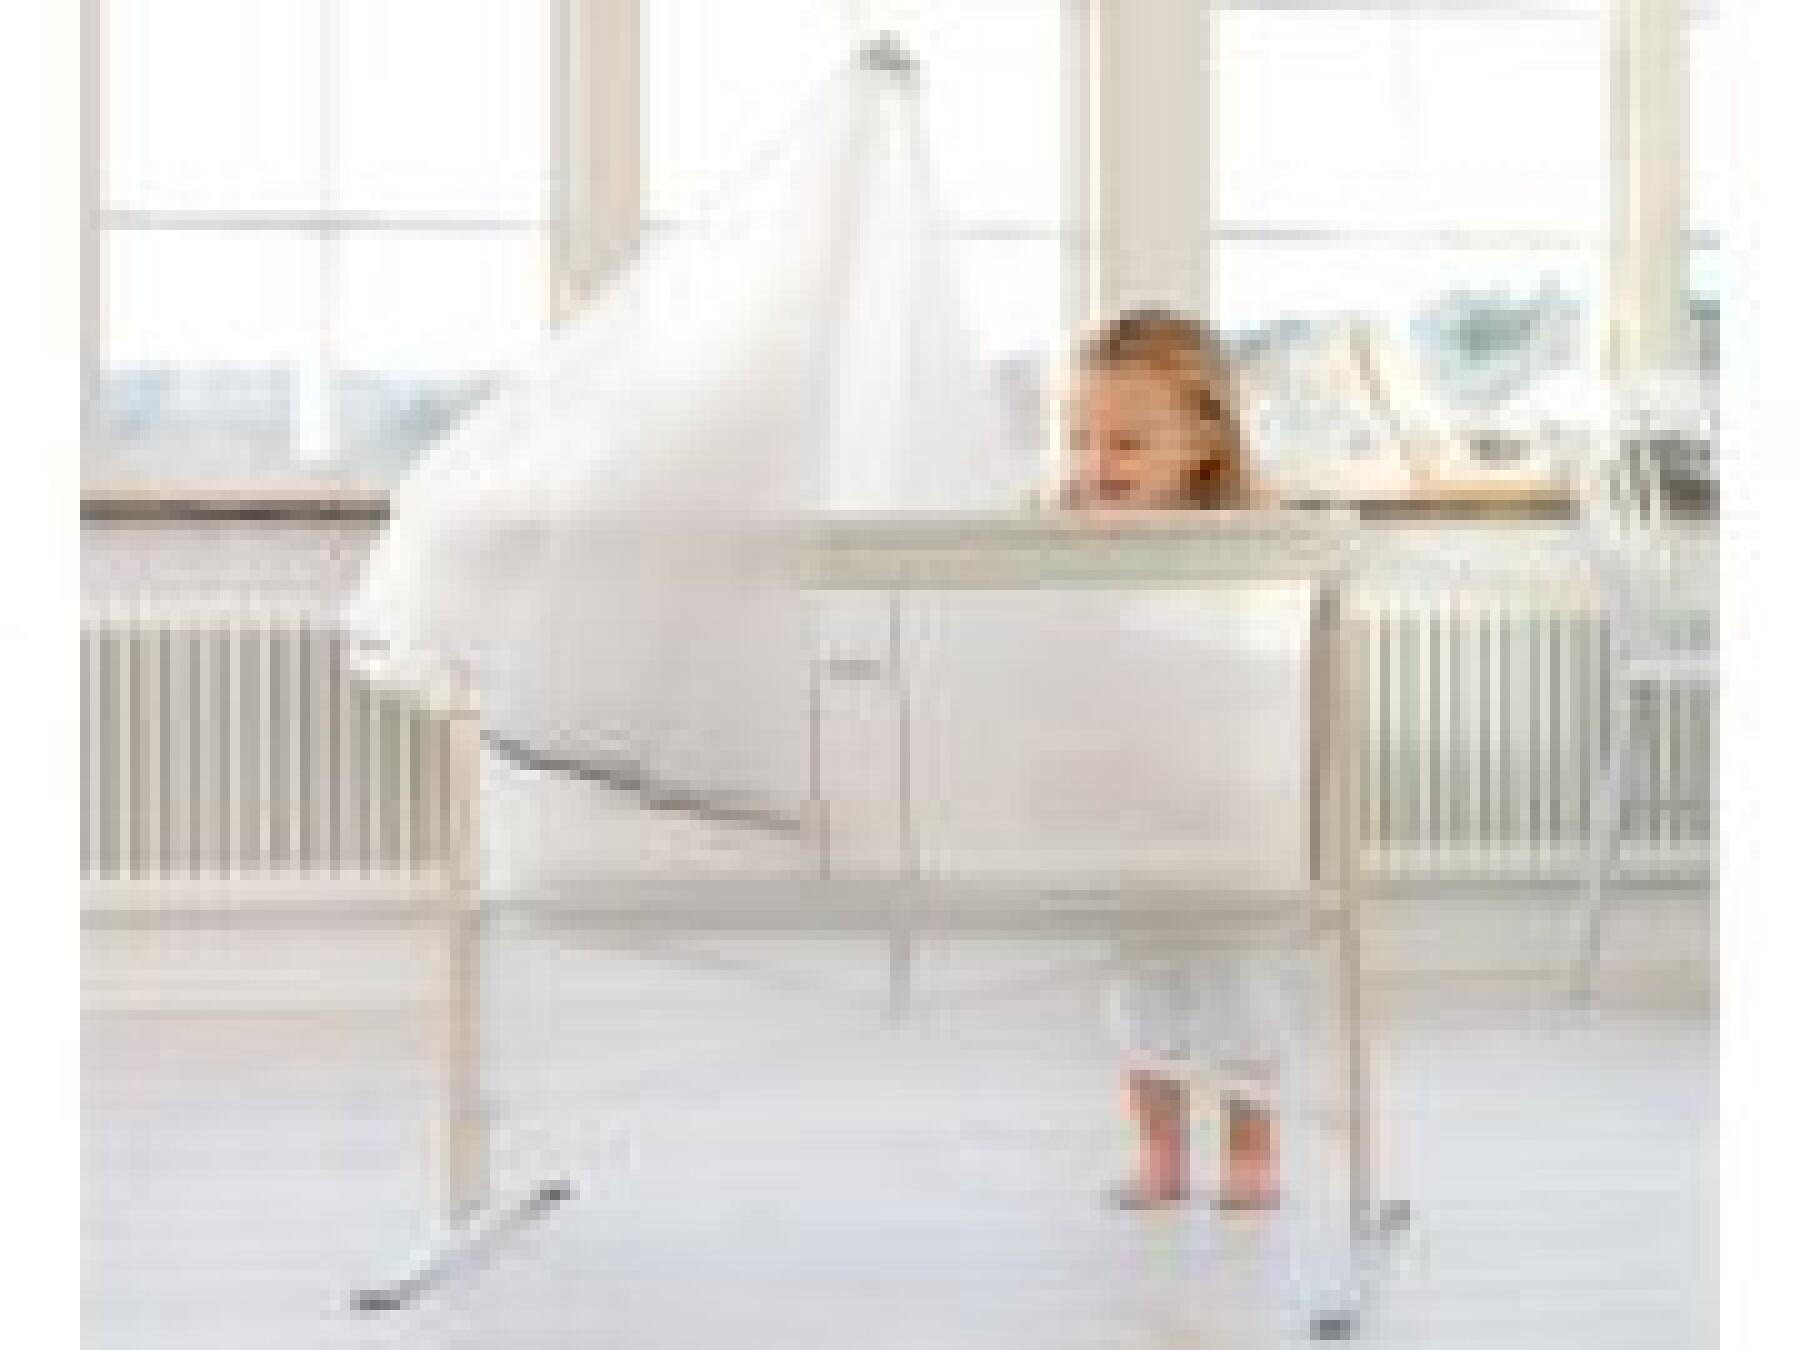 Lit de bébé : le coucher en toute sécurité